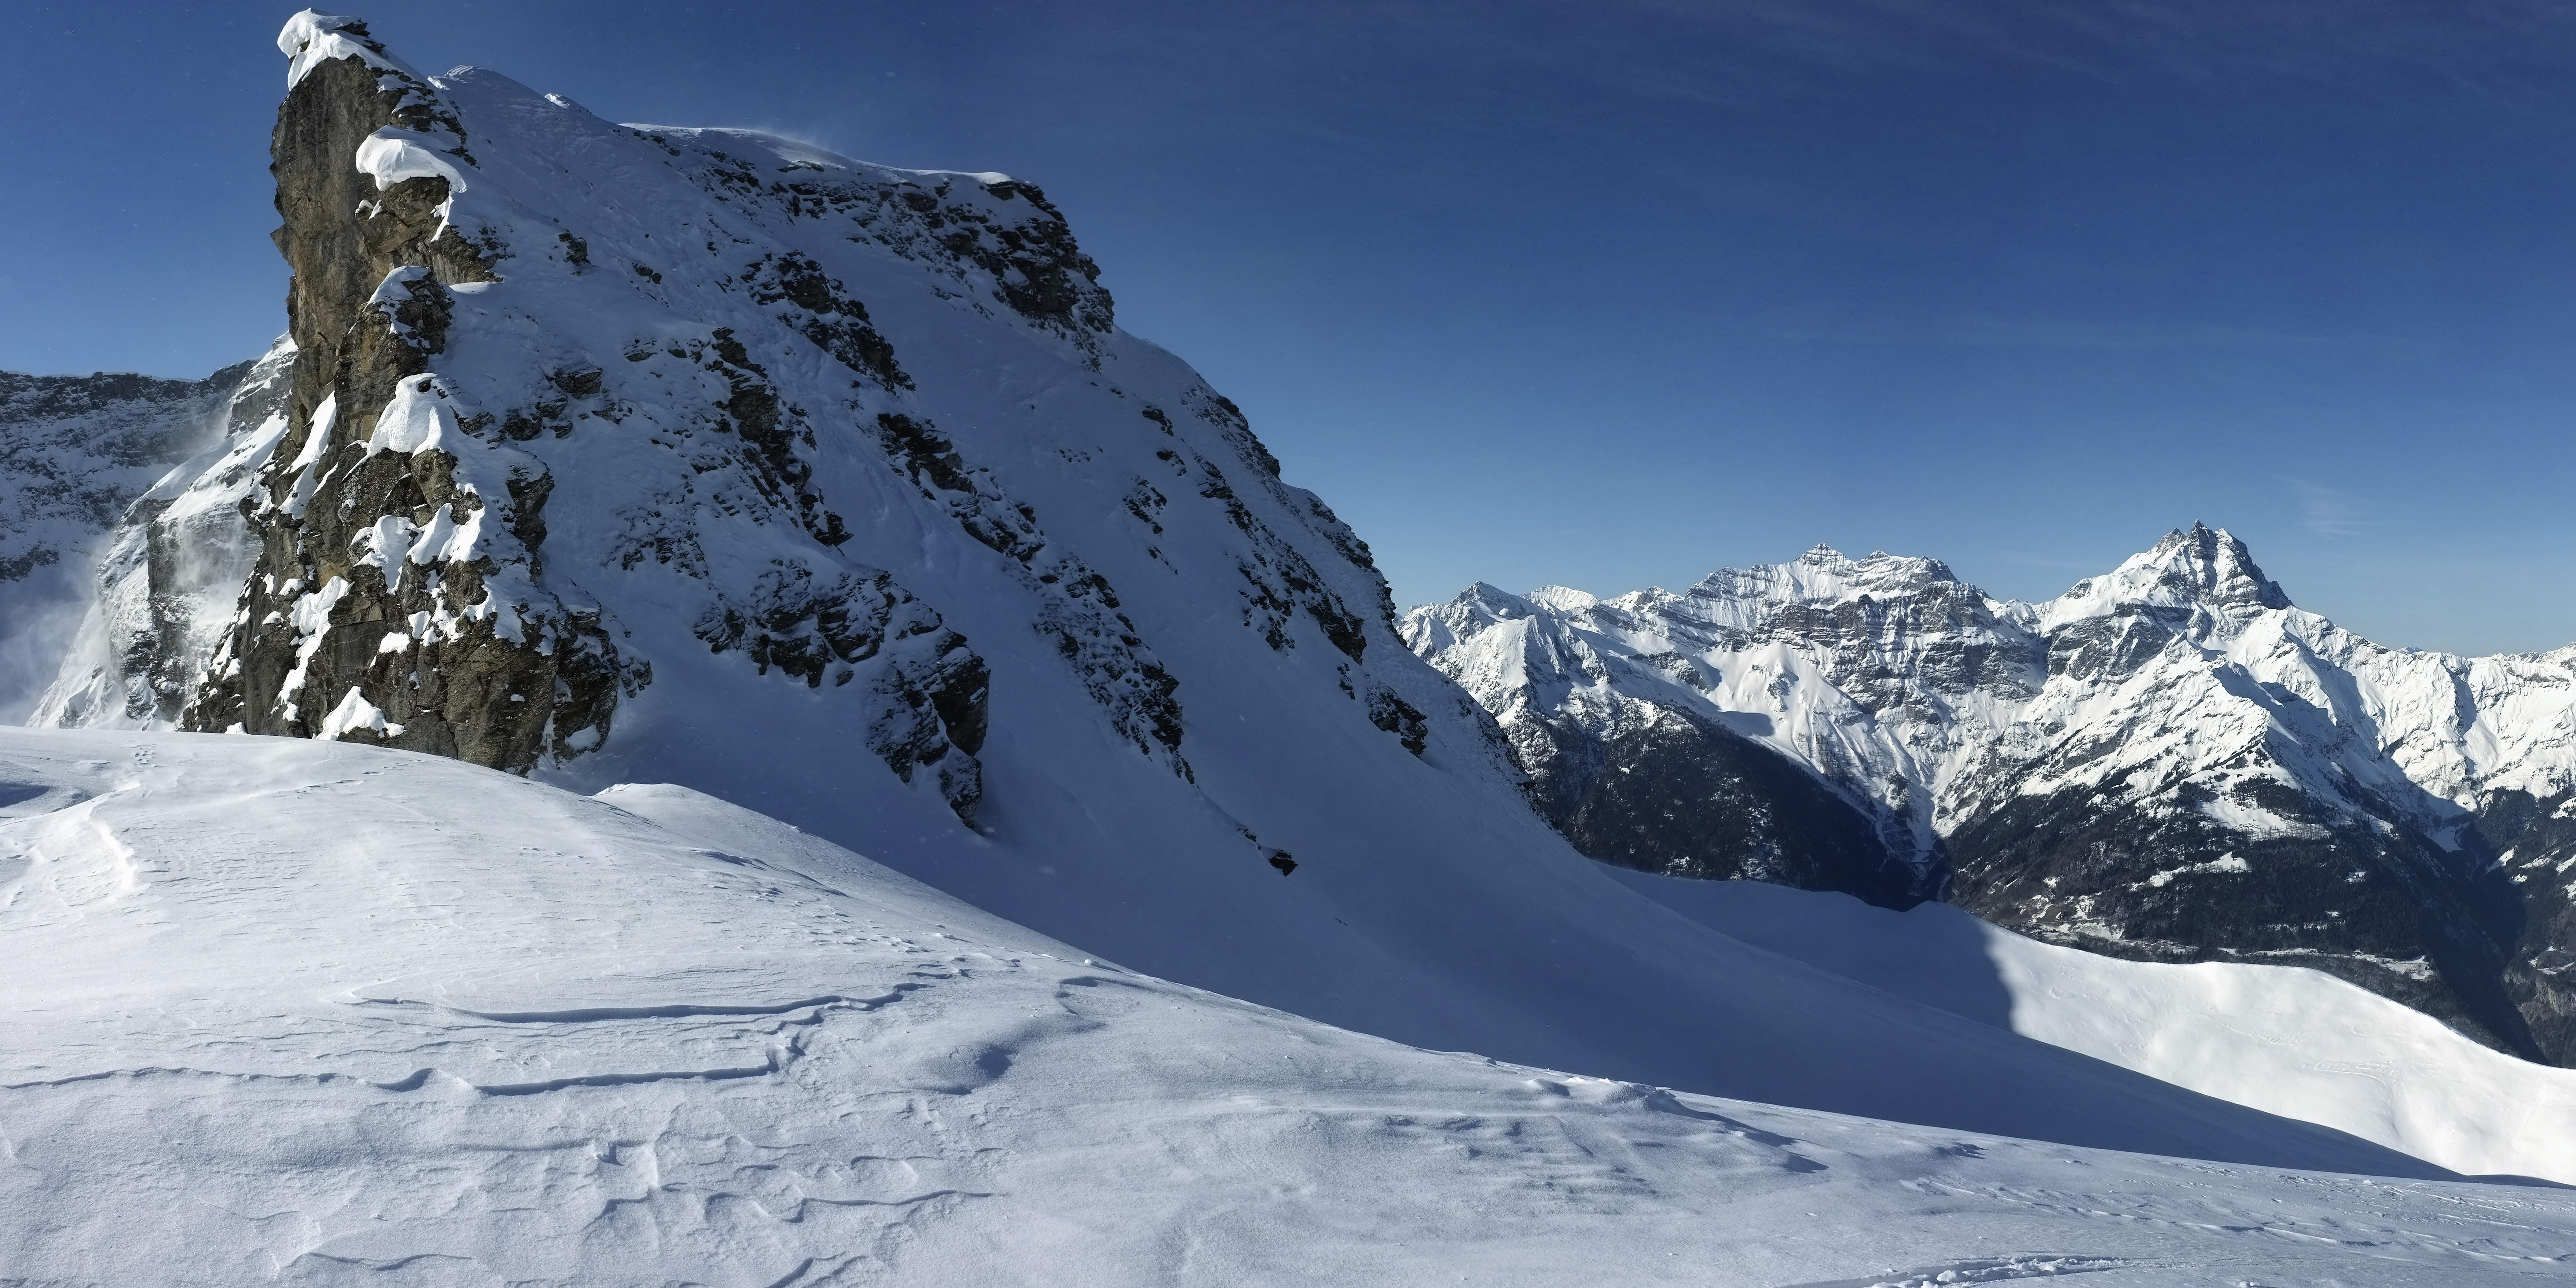 2013-03-16 Pointe de Pré Fleuri, Alpes vaudoises